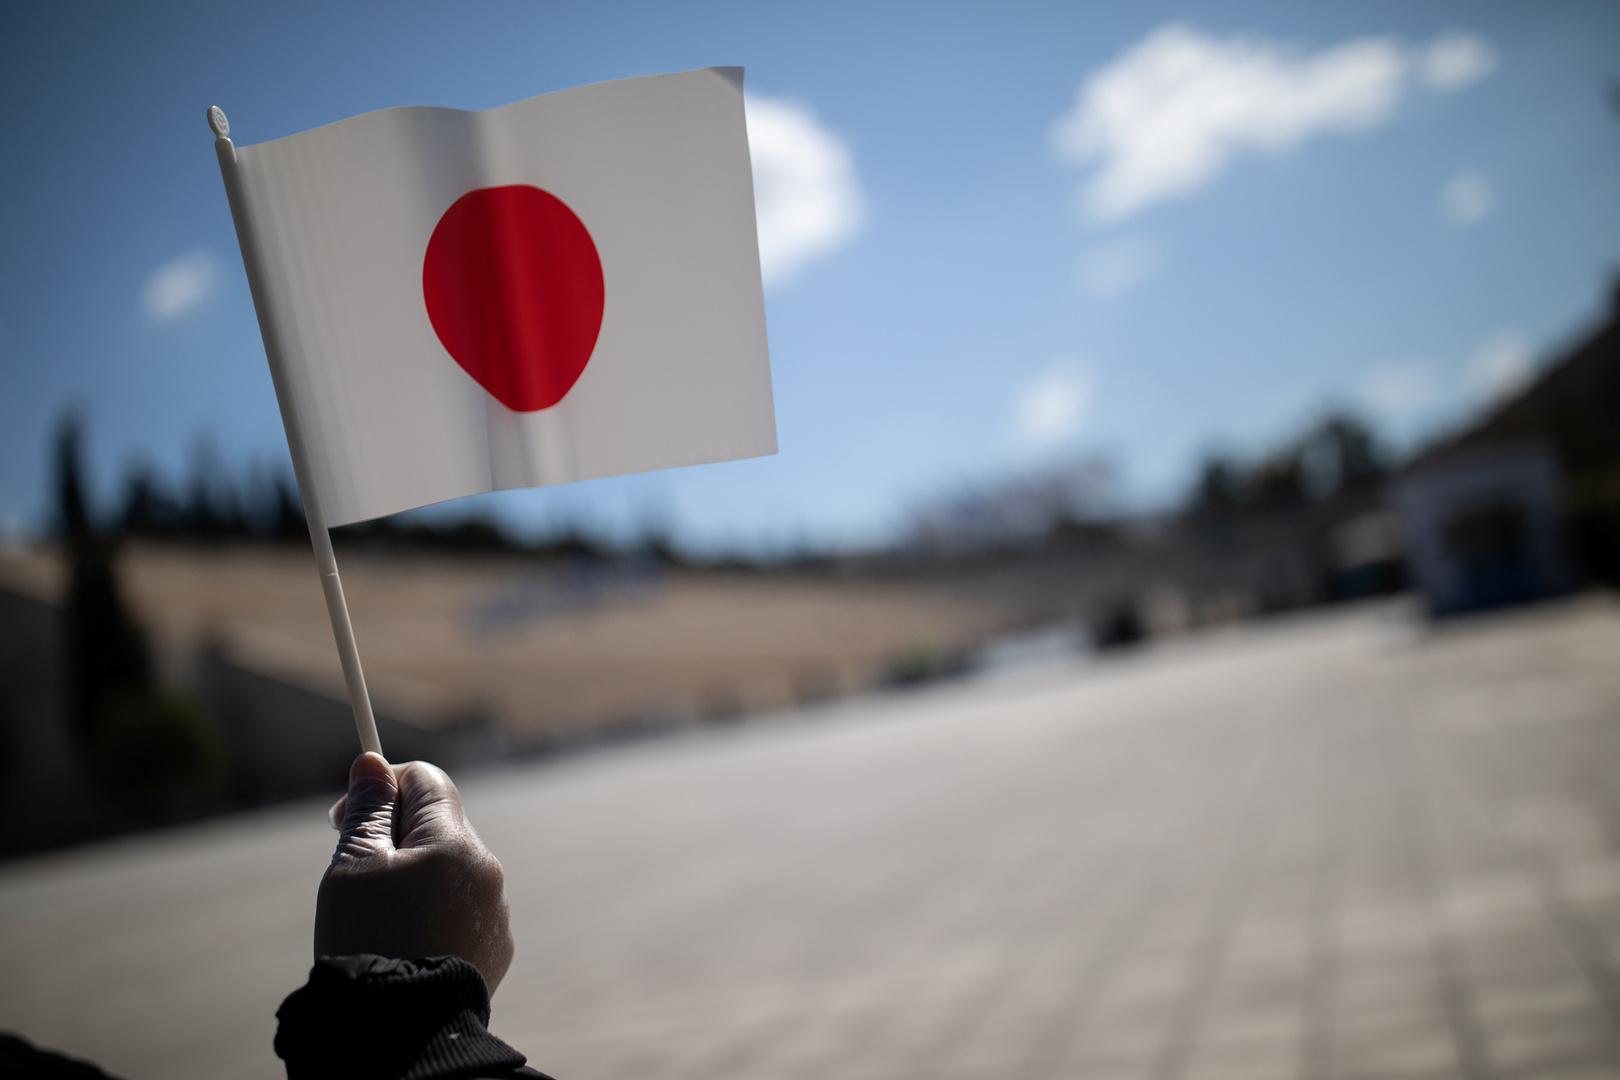 اليابان تطور صواريخ بعيدة المدى مضادة للسفن